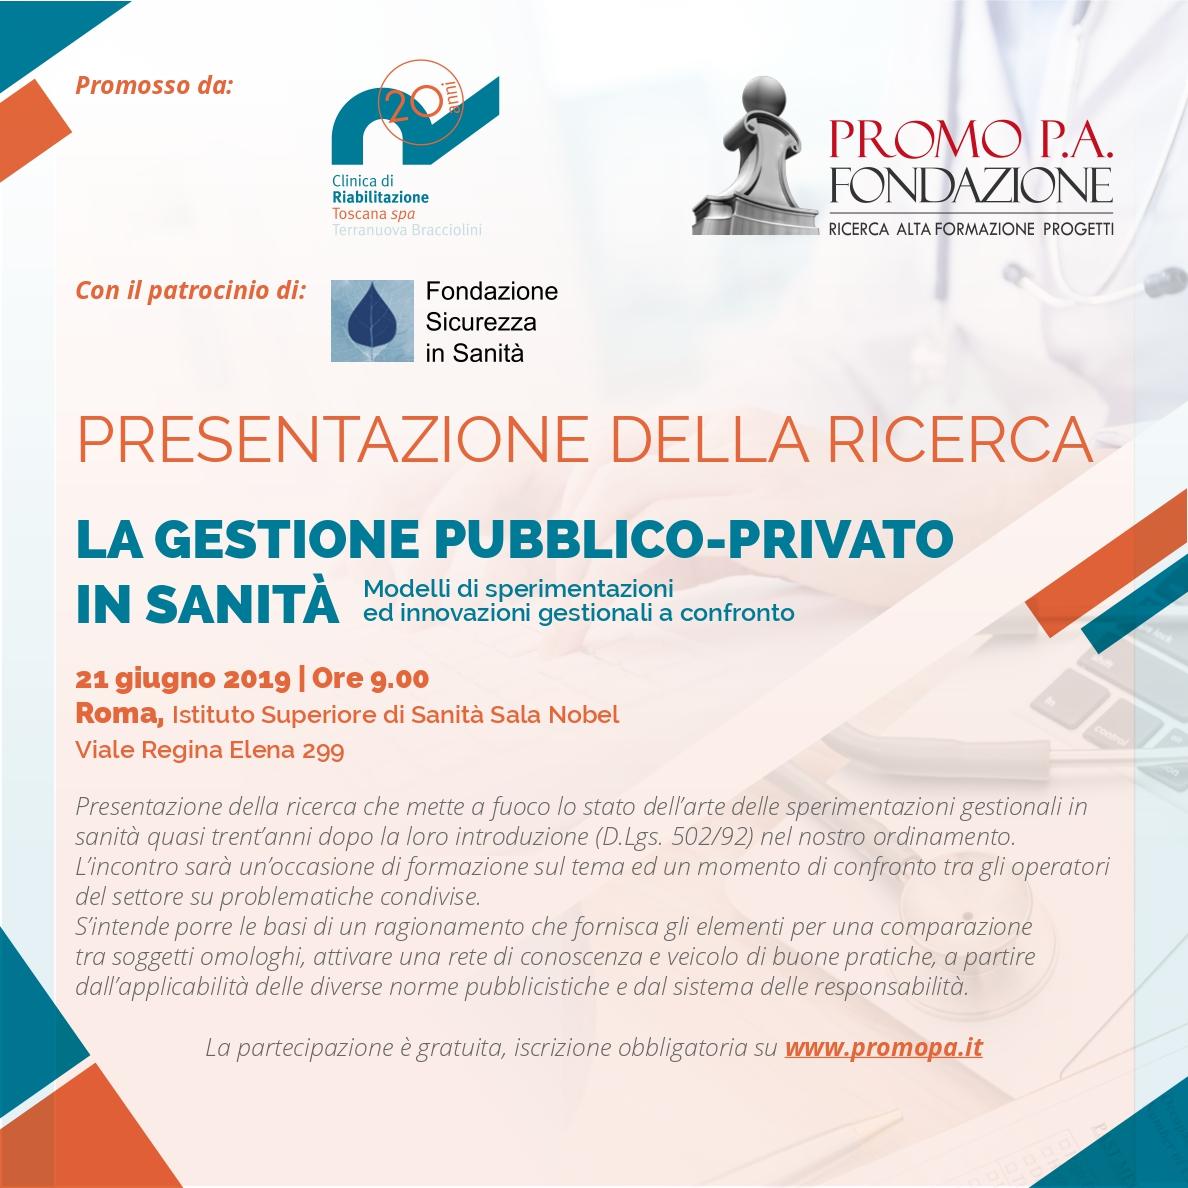 Promo P.A: La gestione pubblico-privato in sanità